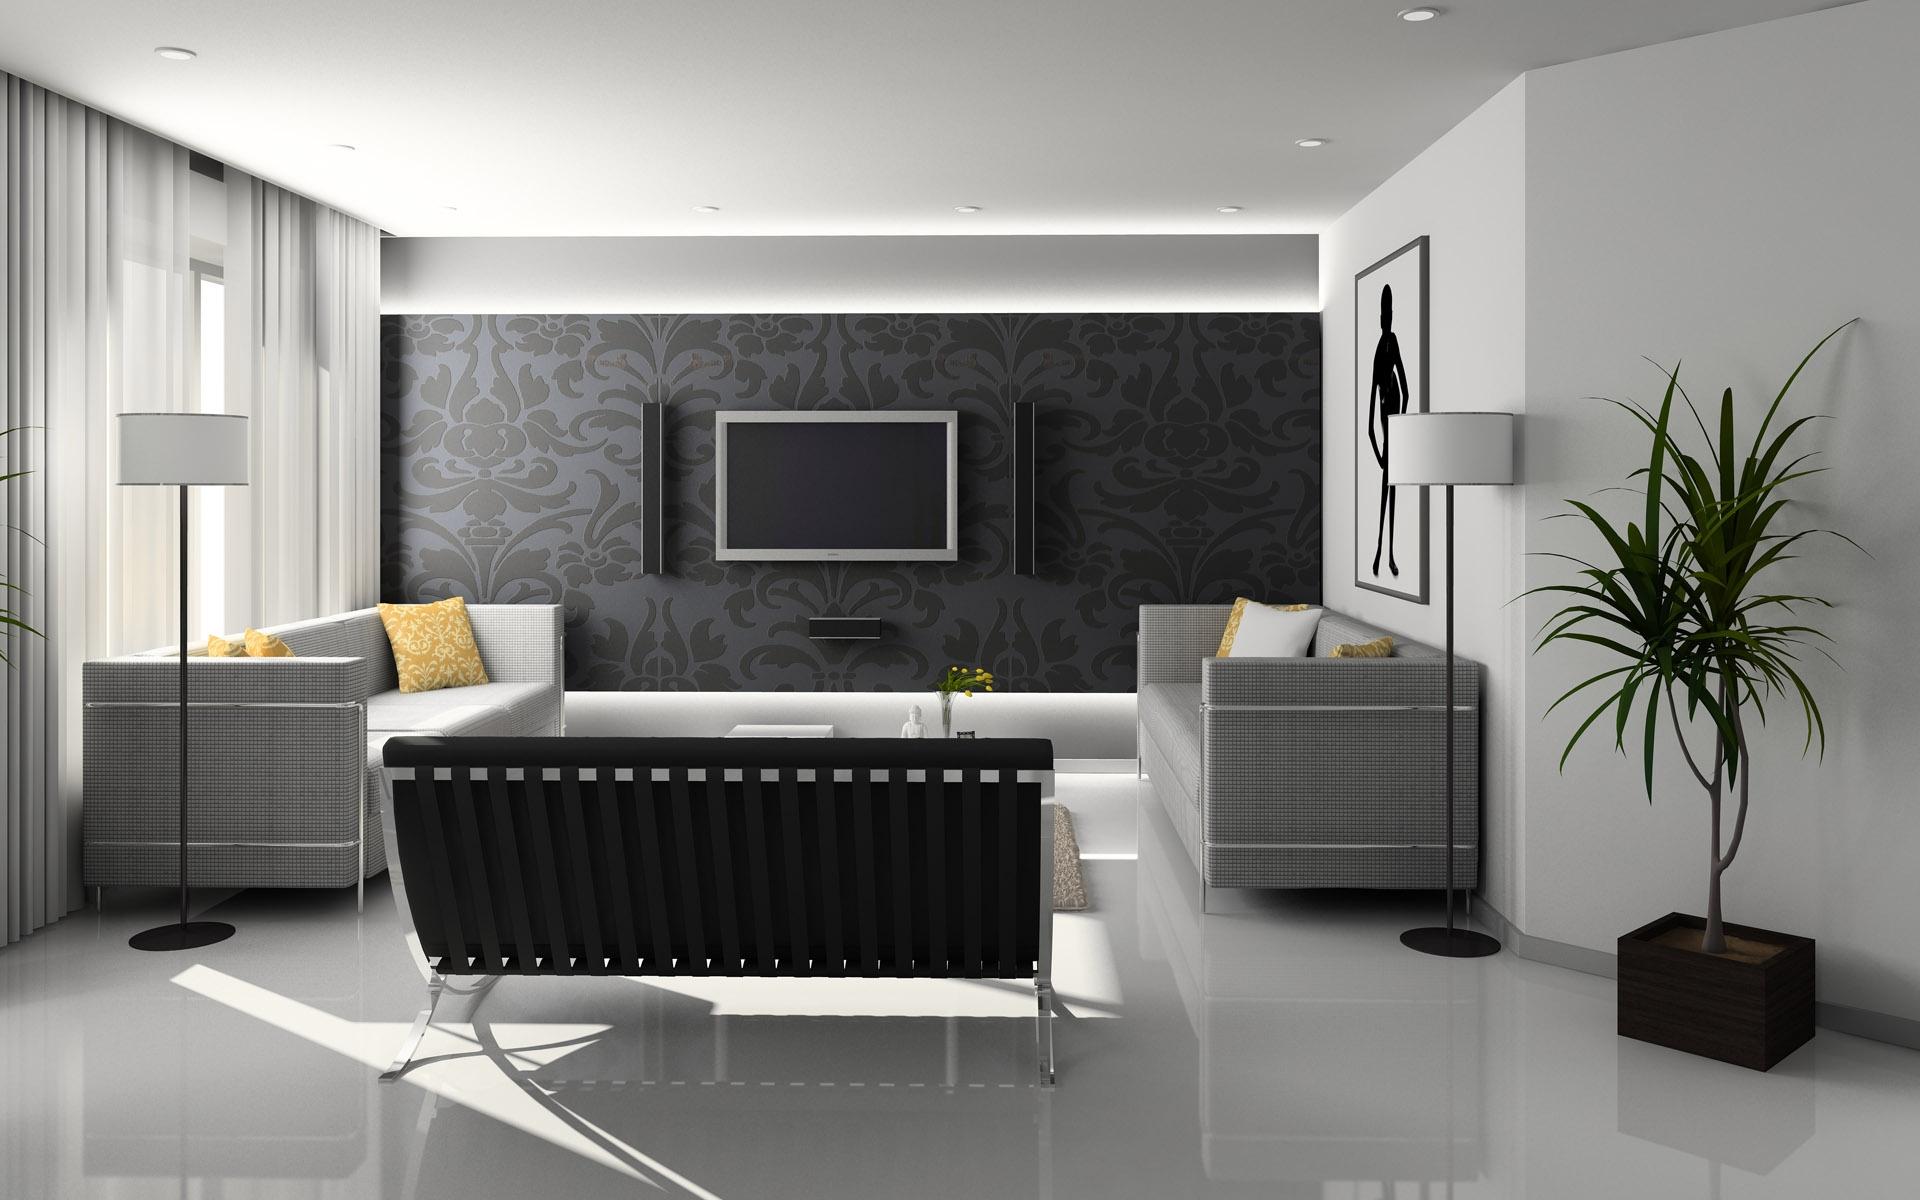 Hintergrundbilder : Wohnzimmer, Zimmer, Stil, Sofa, Fernseher ...